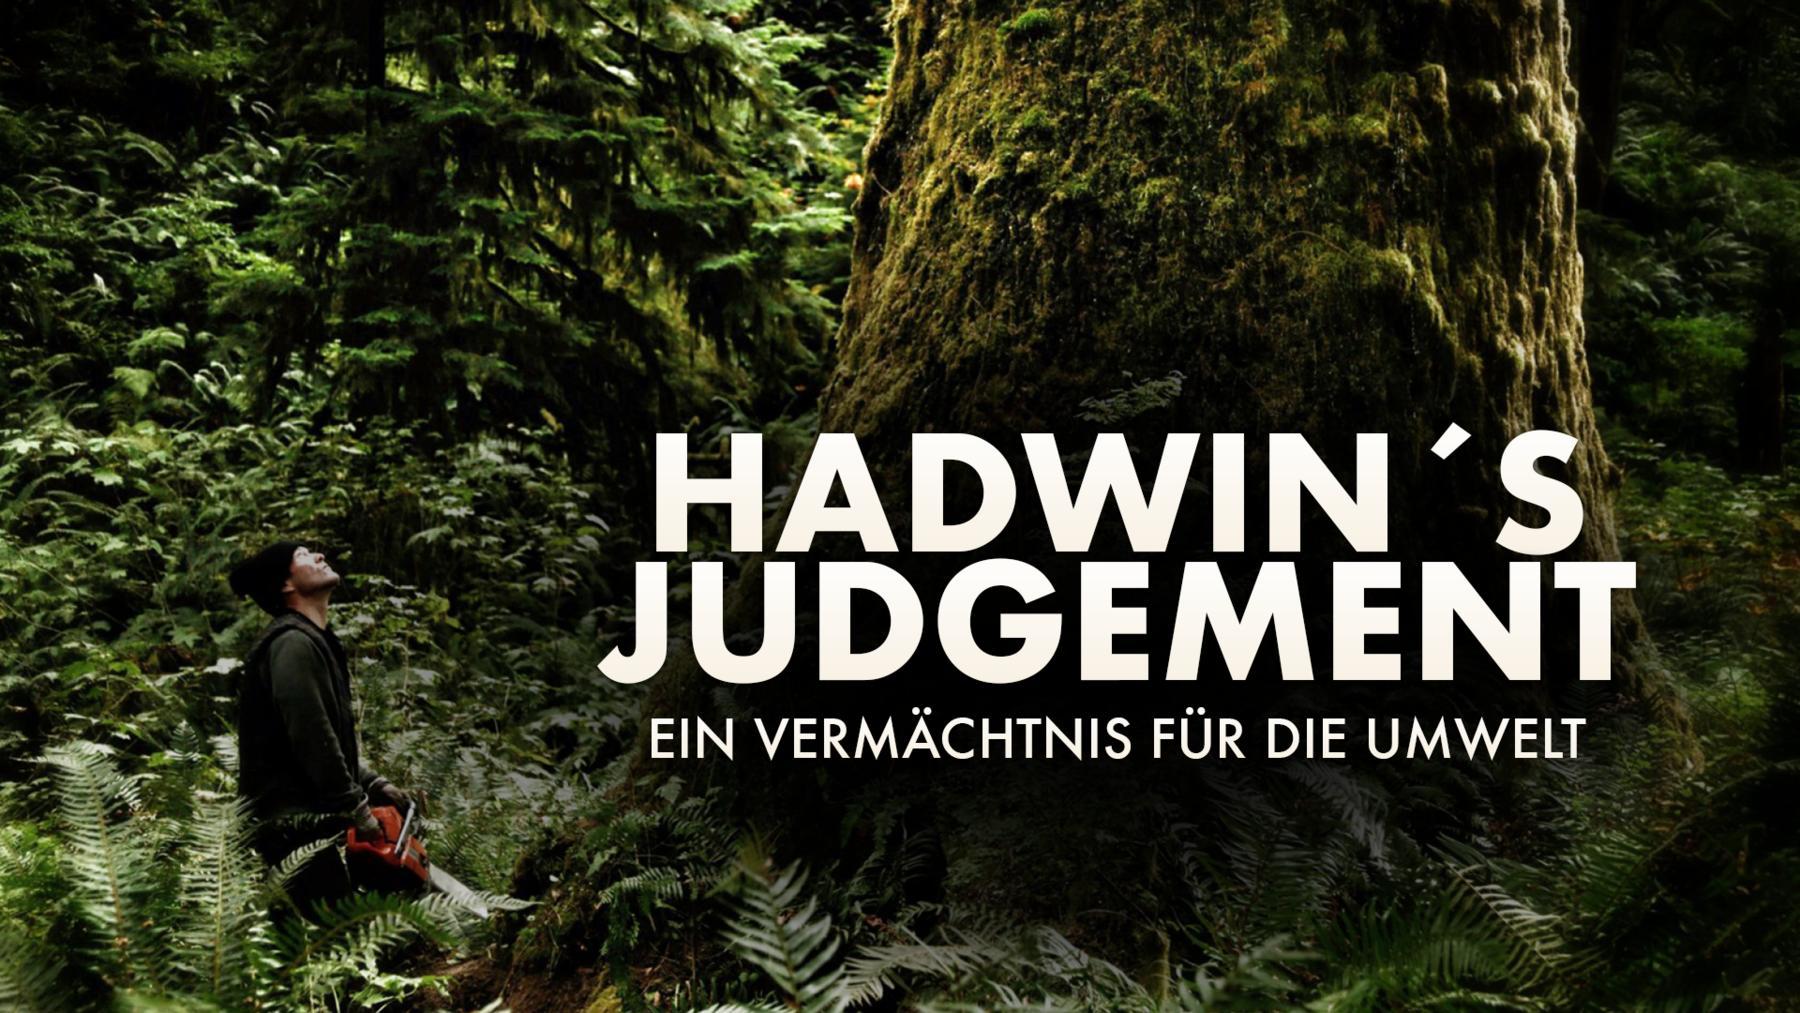 Hadwin's Judgment - Ein Vermächtnis für die Umwelt